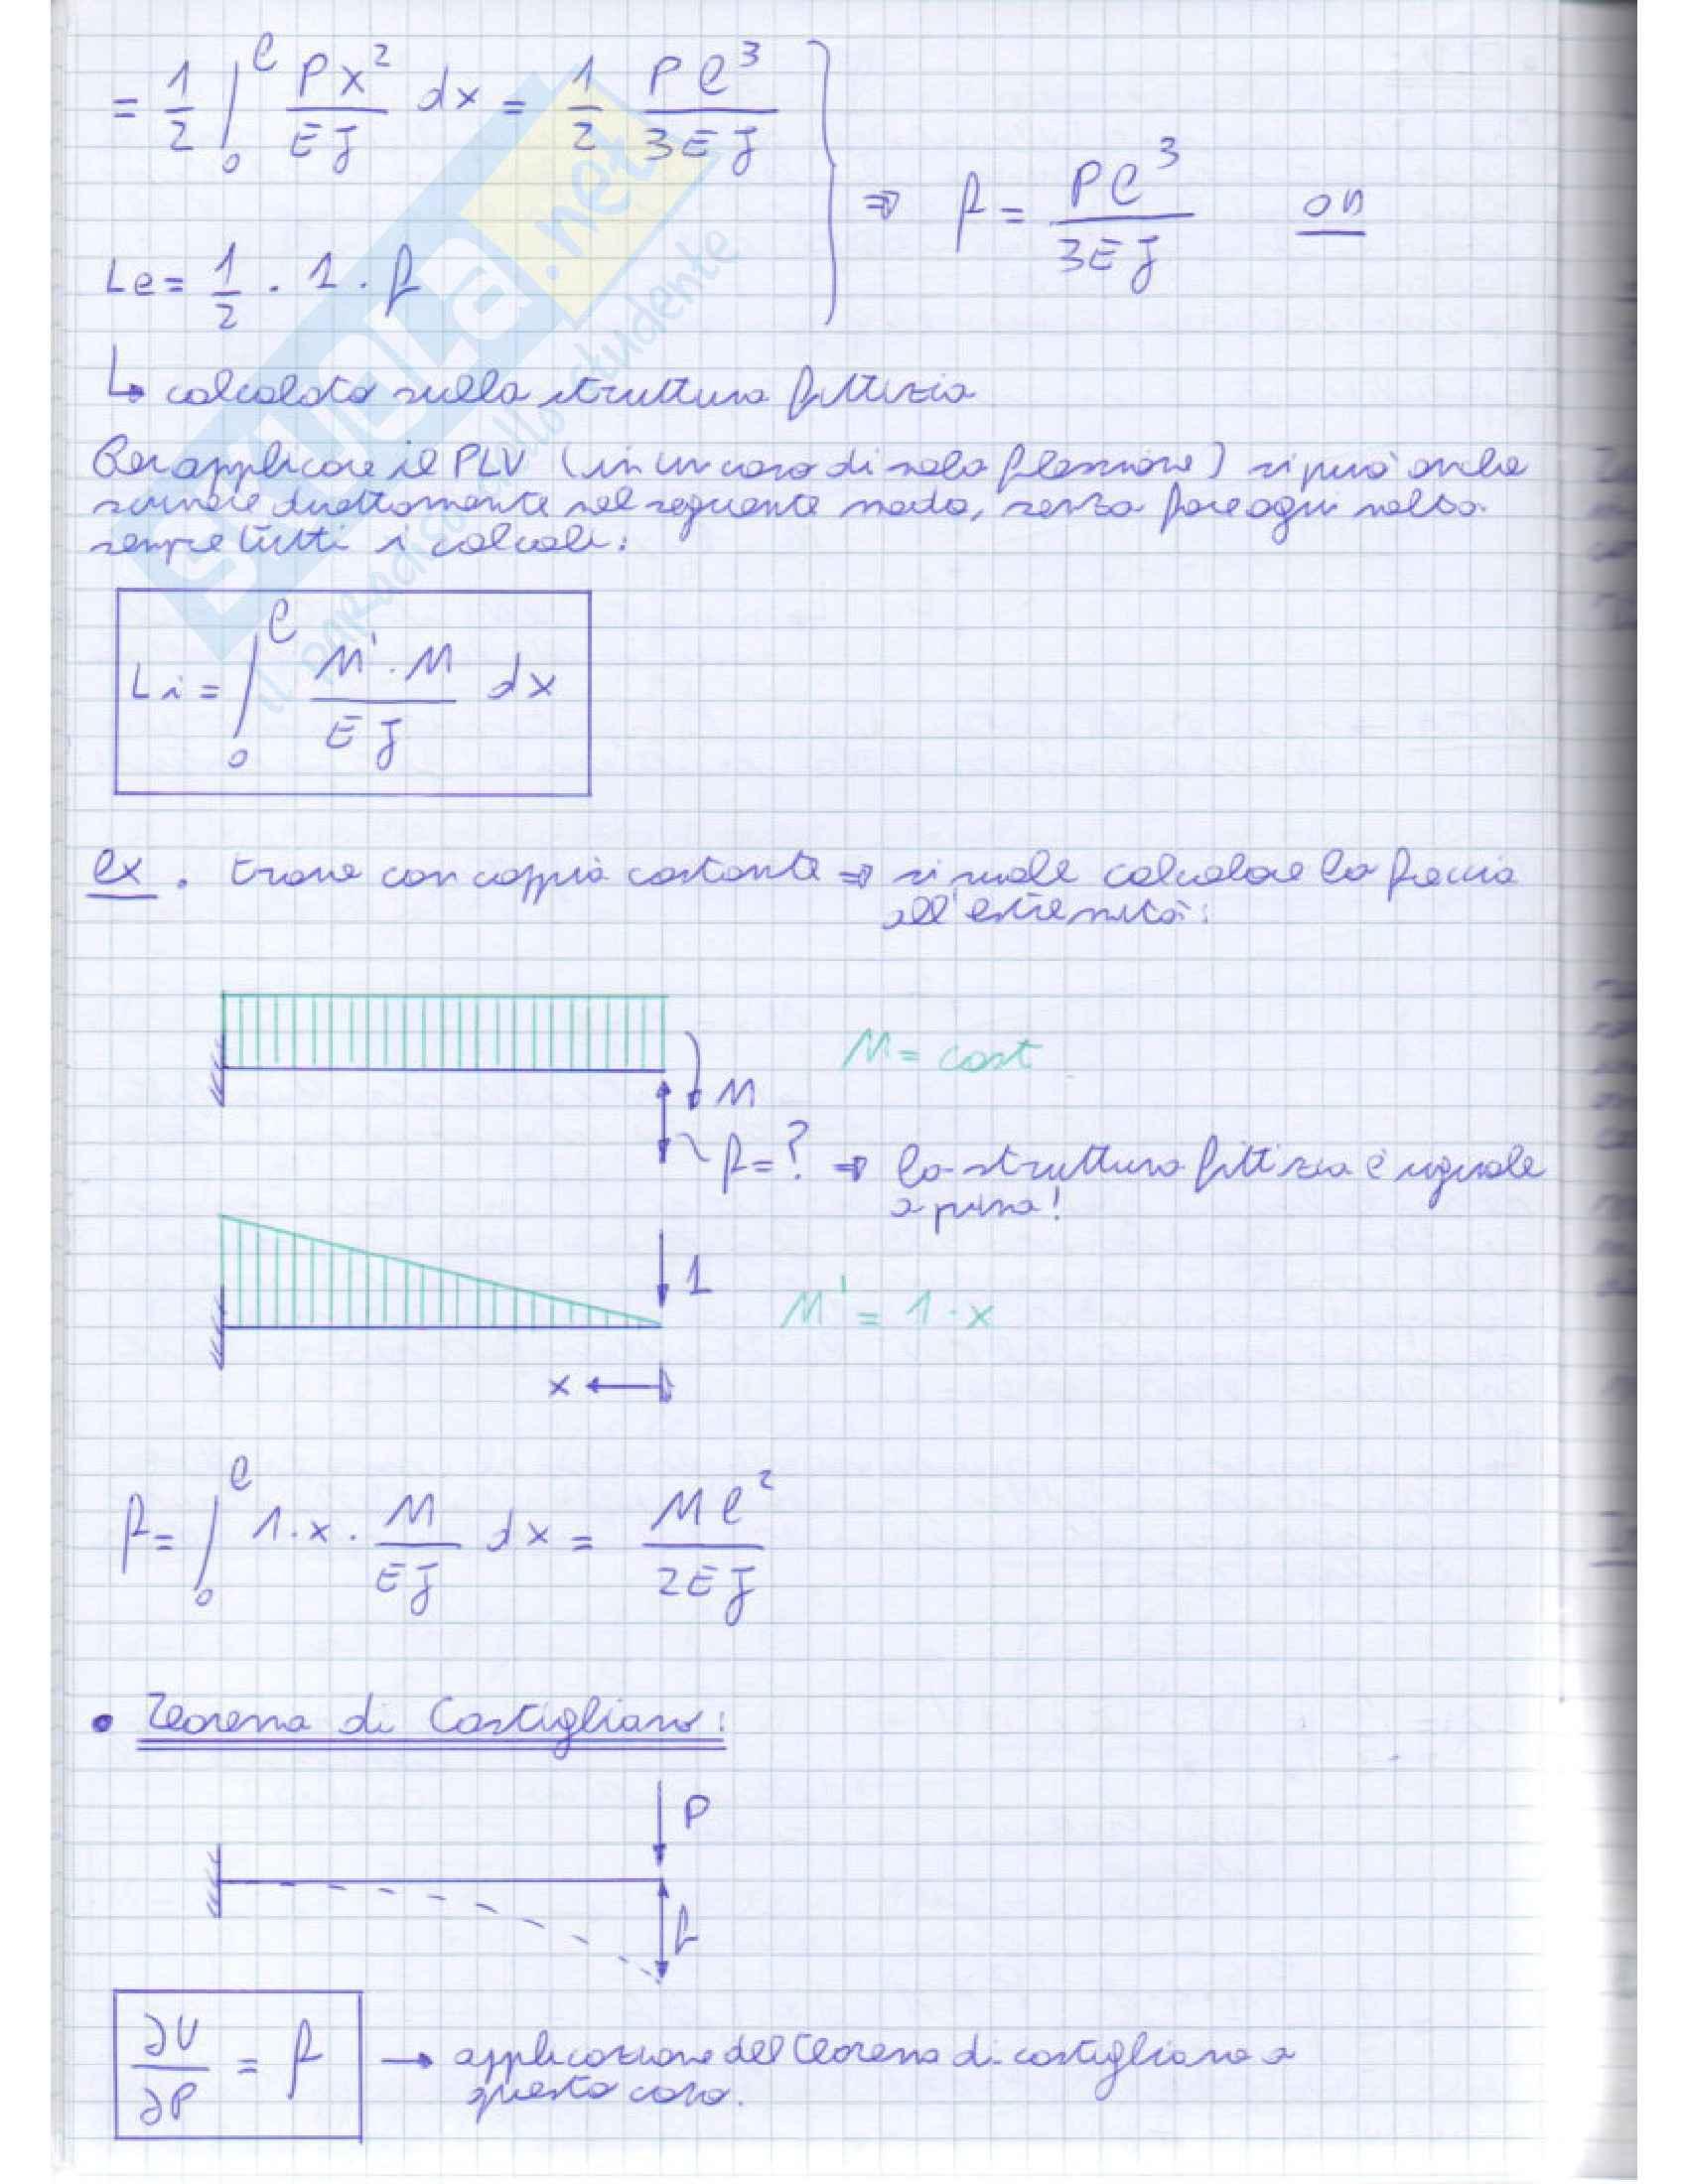 Costruzione di macchine 2 - Appunti Pag. 16